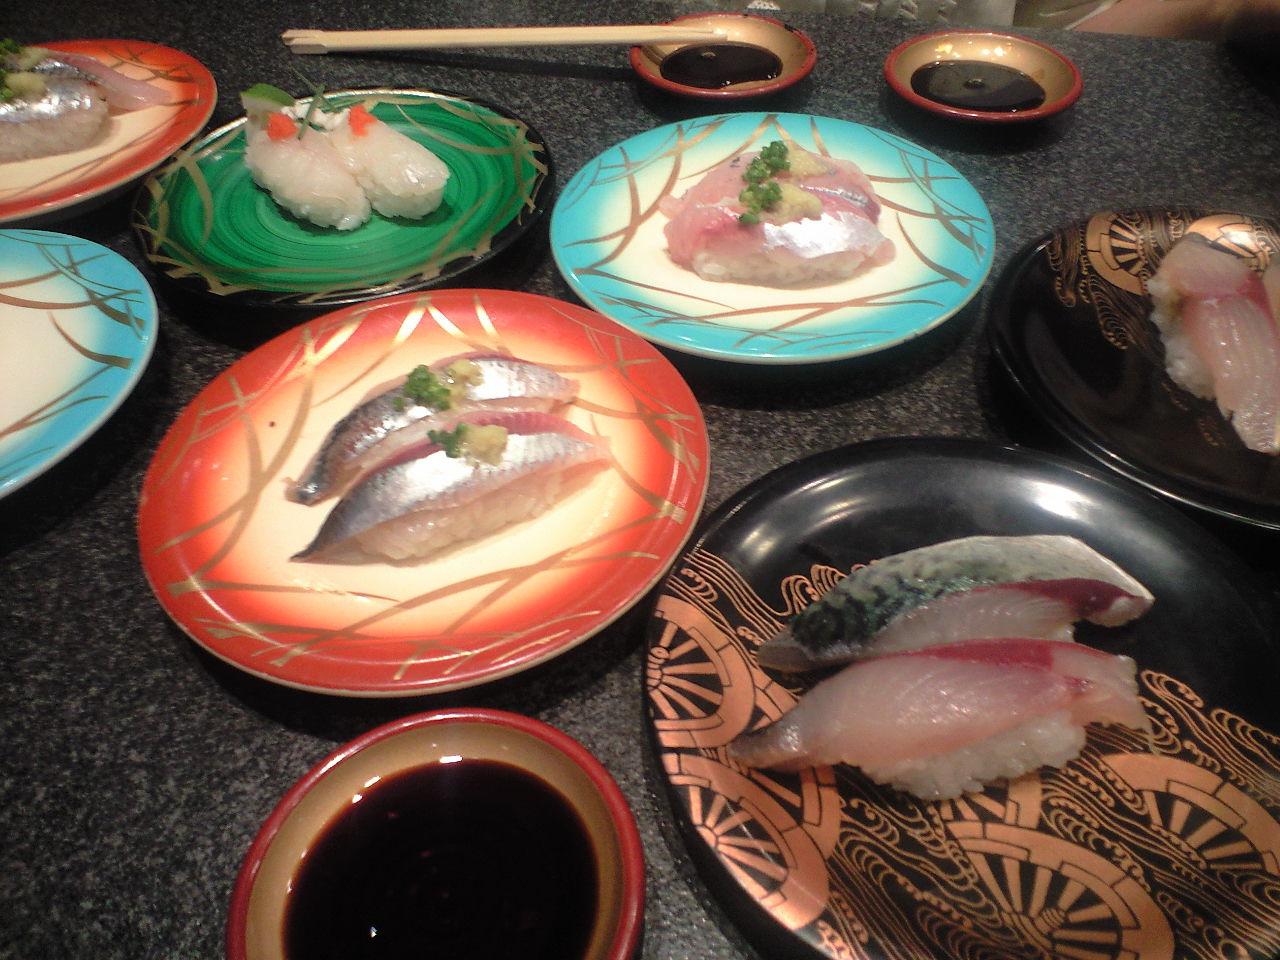 門司レトロの回転寿司